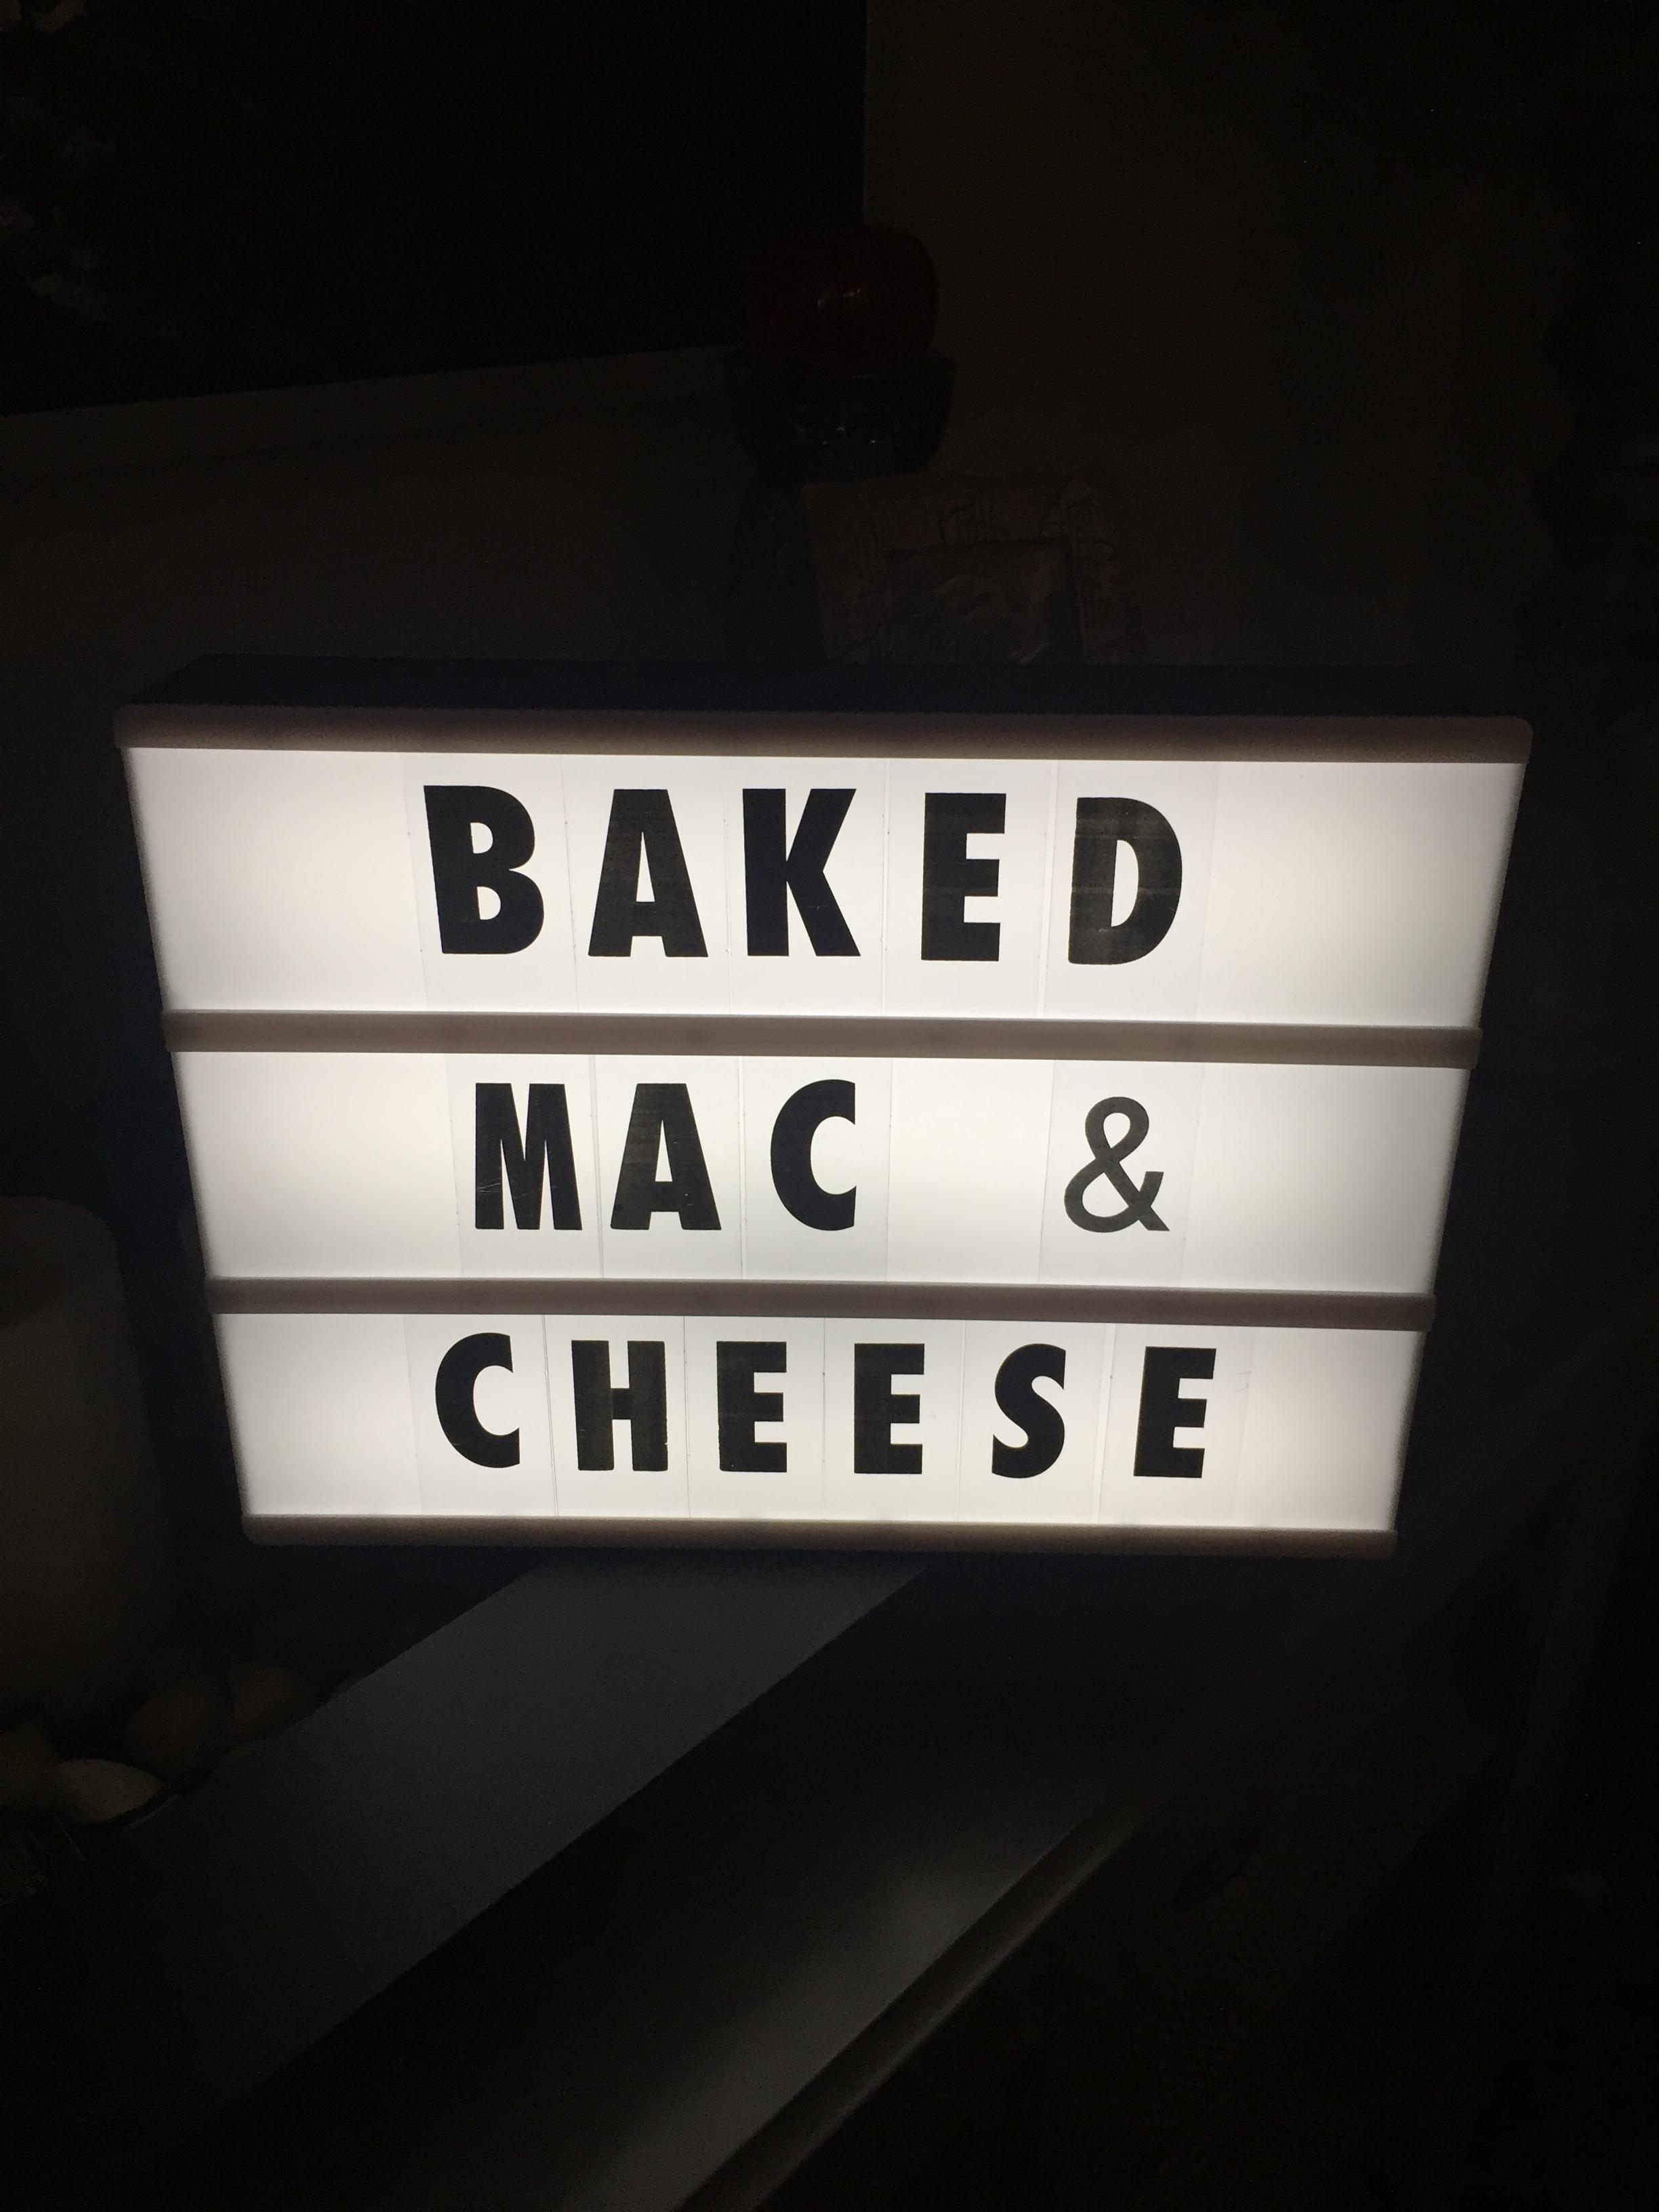 85BakedMac&Cheese1.JPG